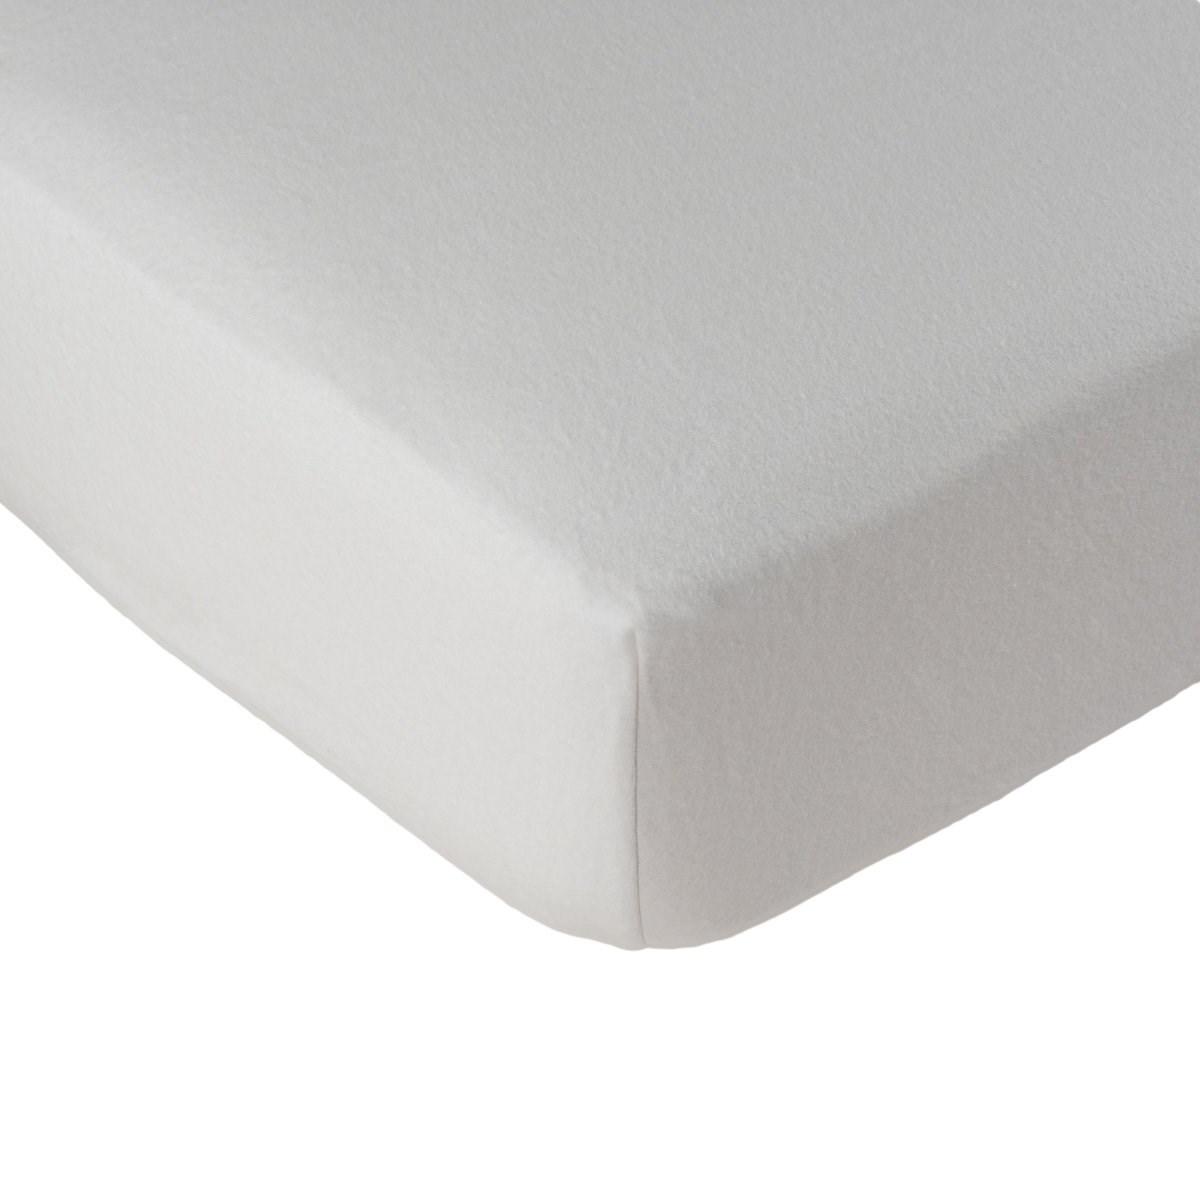 Alèse protège matelas molleton en coton blanc 180x200 cm